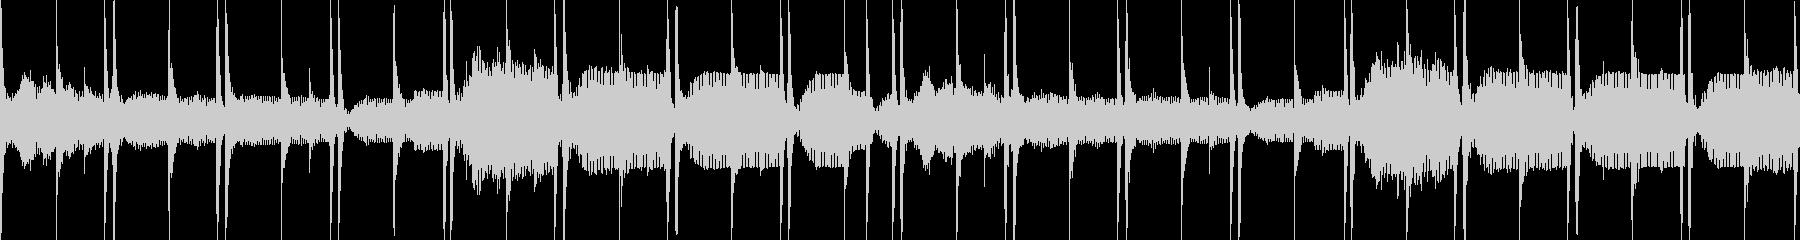 ループ/ピアノのLo-Fi Hiphopの未再生の波形